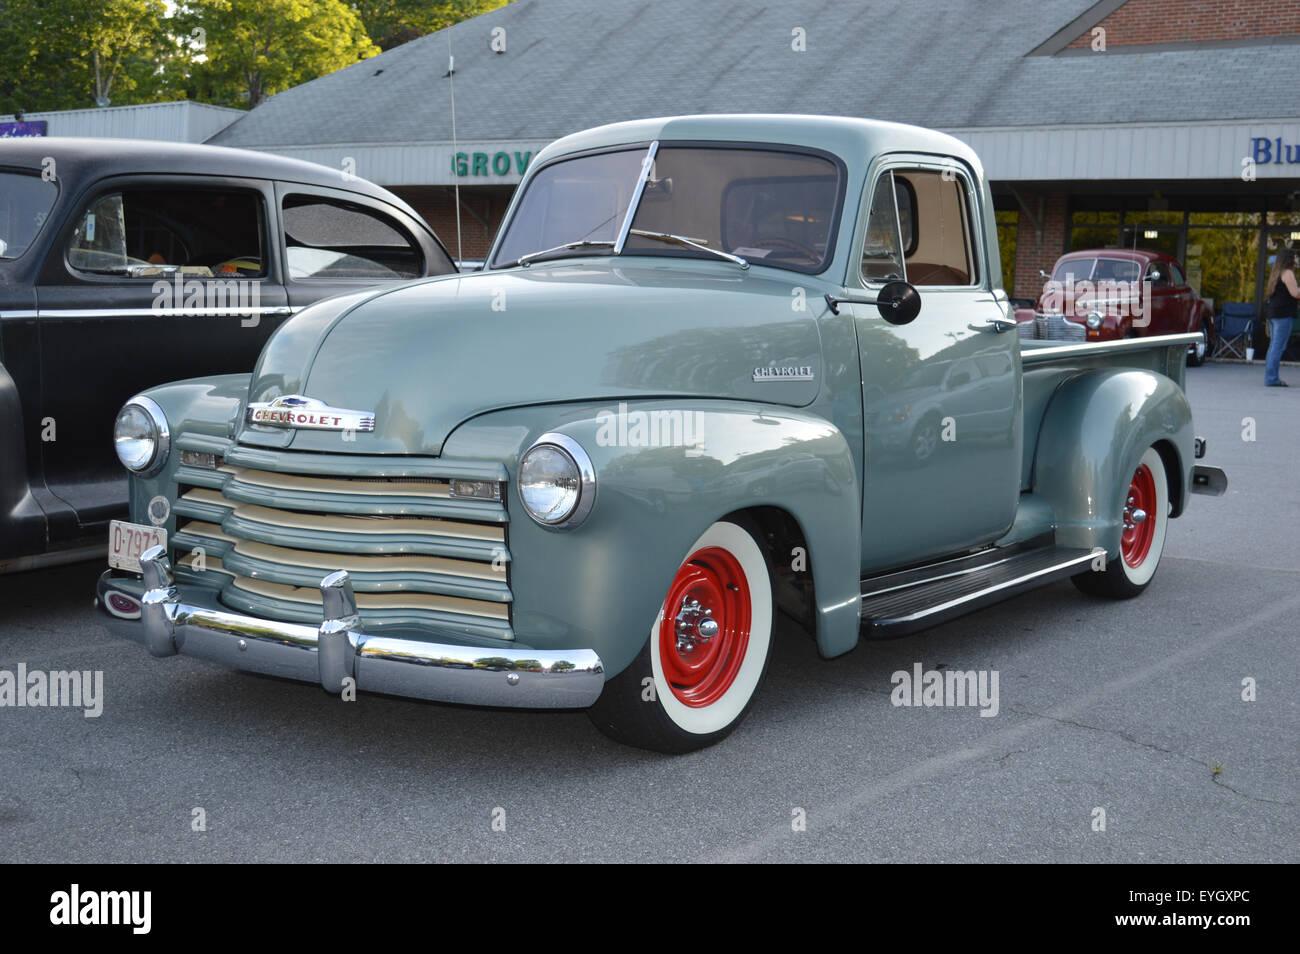 Kelebihan Kekurangan Chevrolet Pickup 1950 Harga